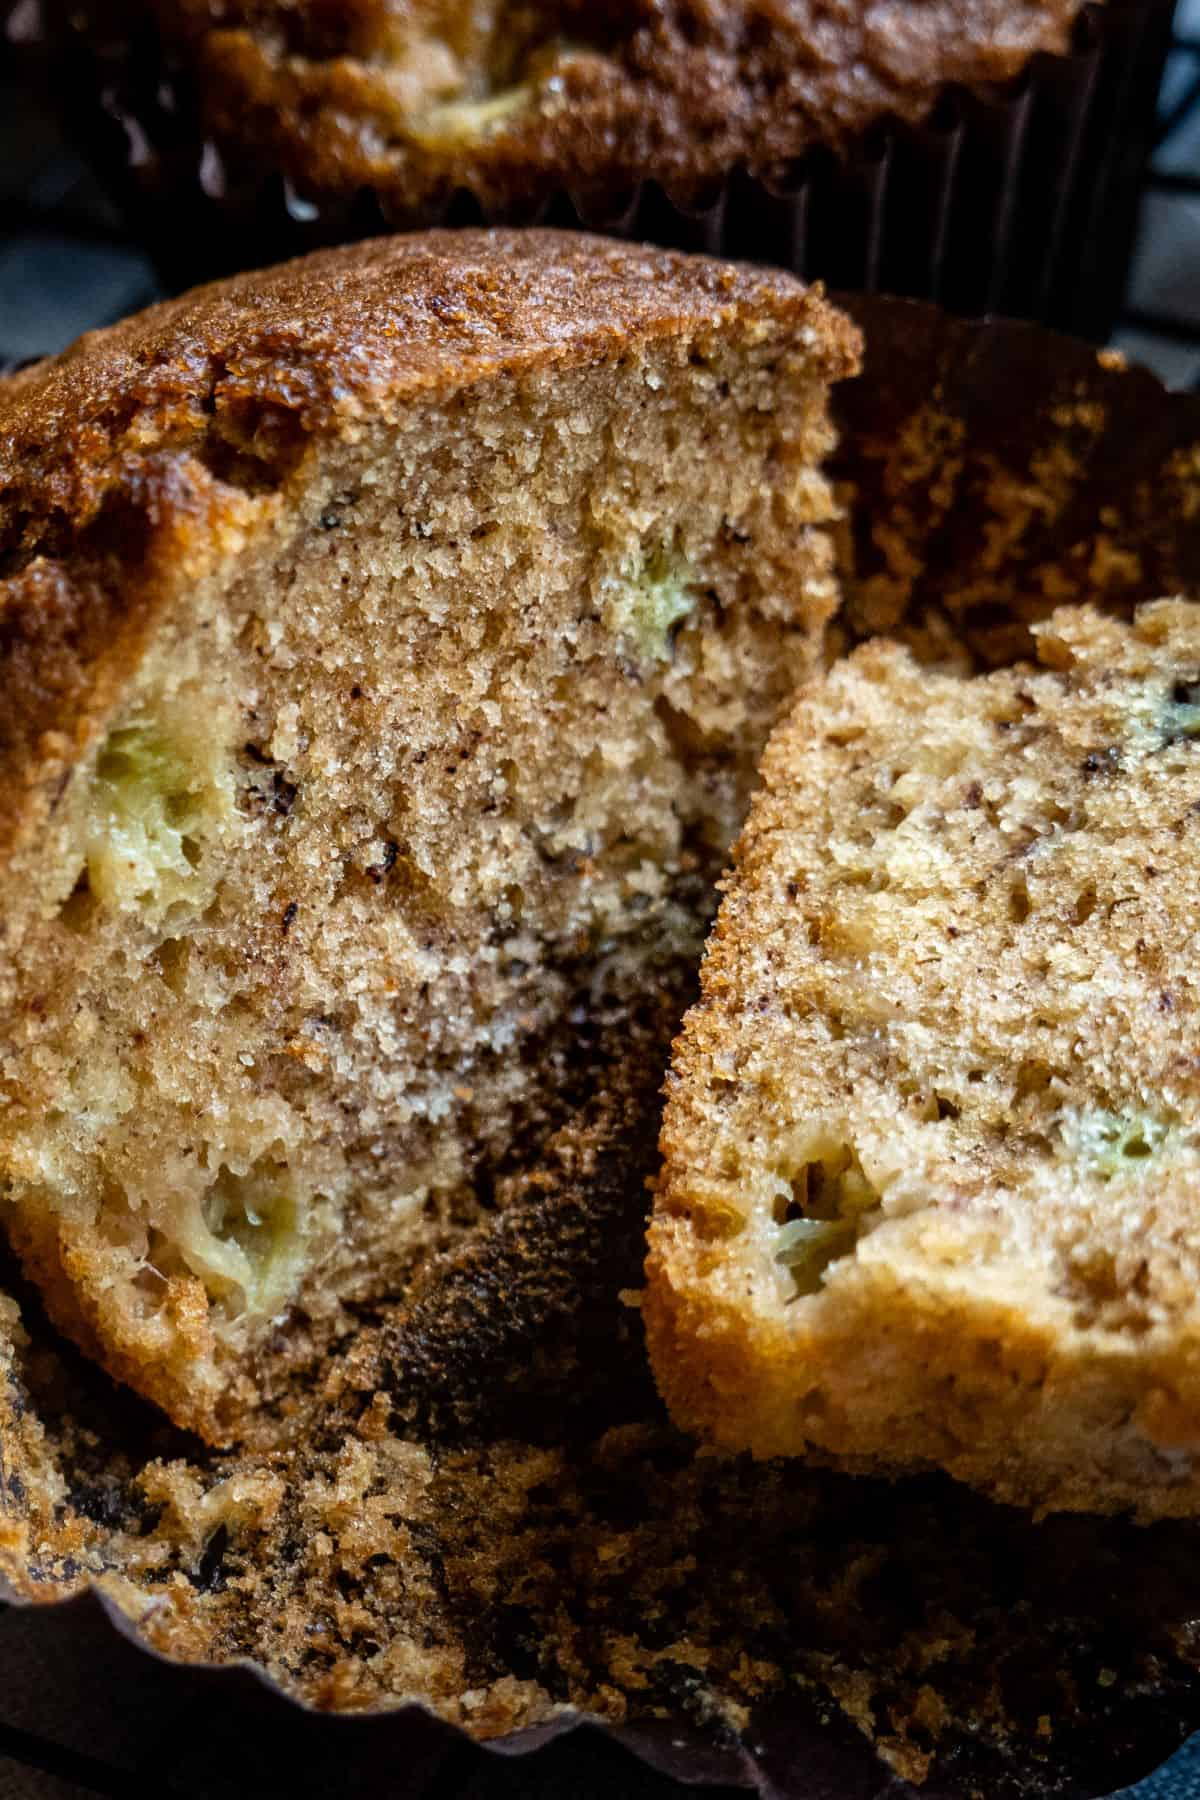 portrait of a cut muffin